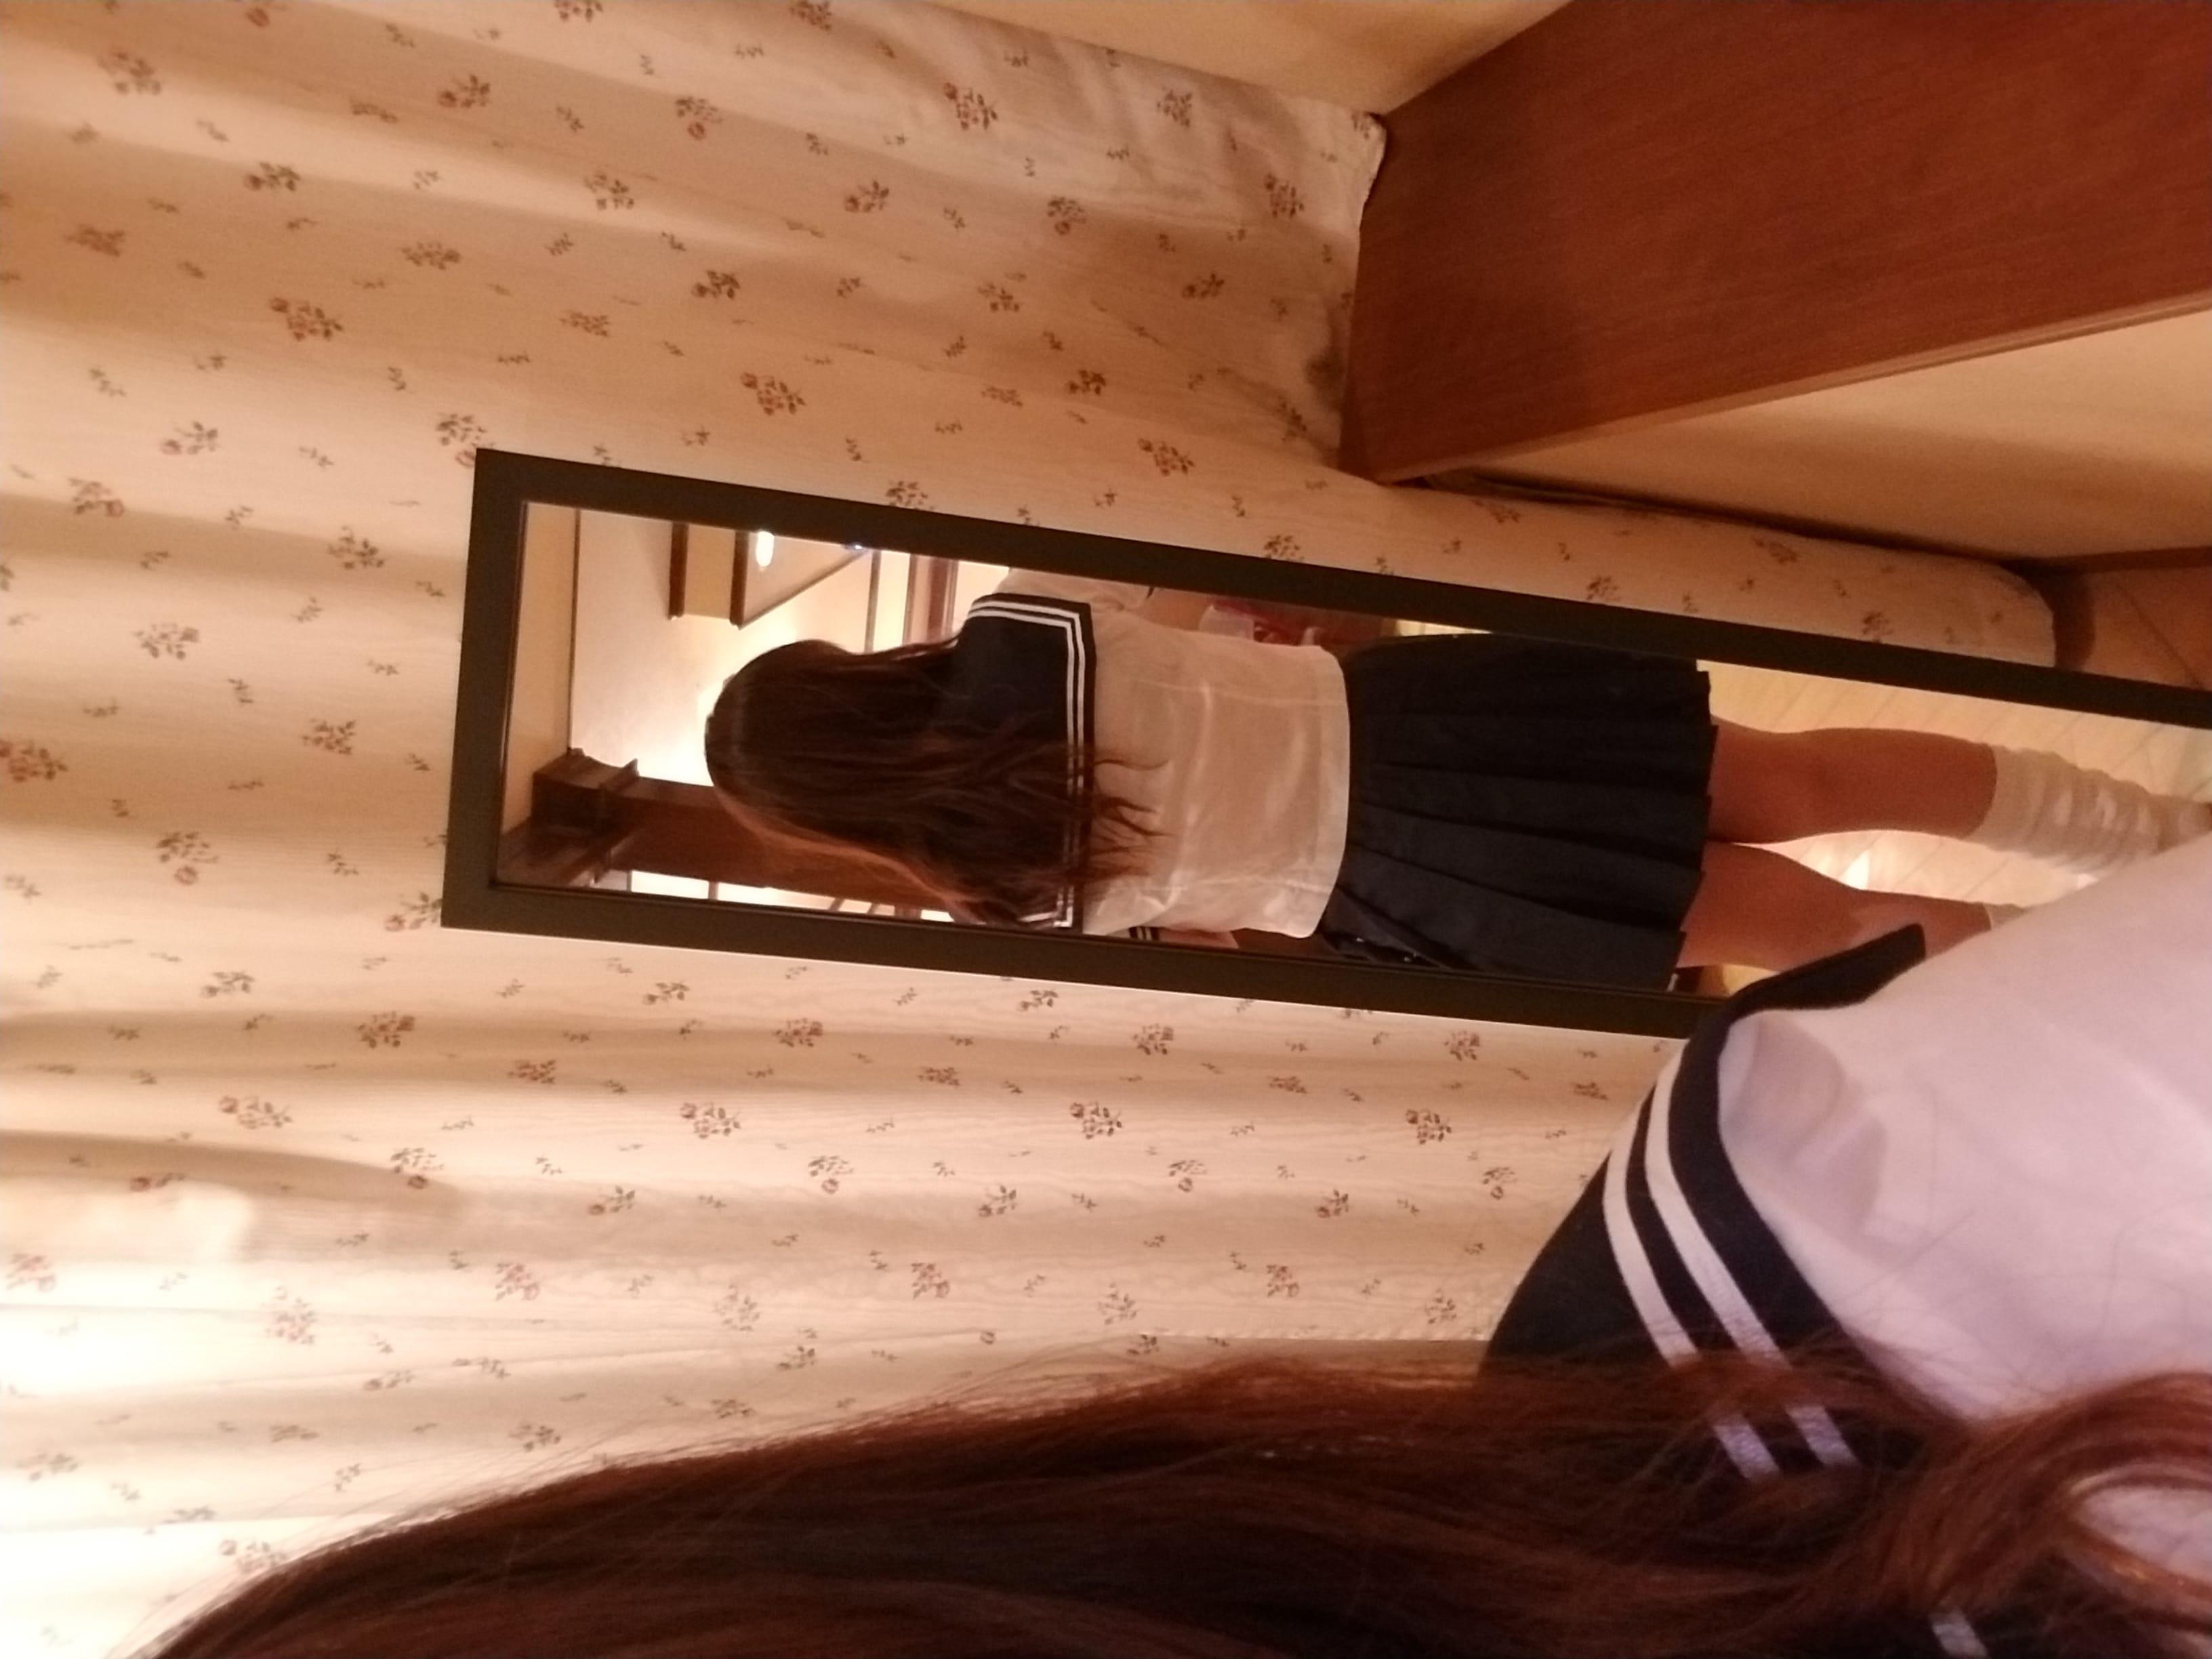 超美形スレンダー☆とも「出勤しました(*^^*)」07/21(土) 14:46 | 超美形スレンダー☆ともの写メ・風俗動画